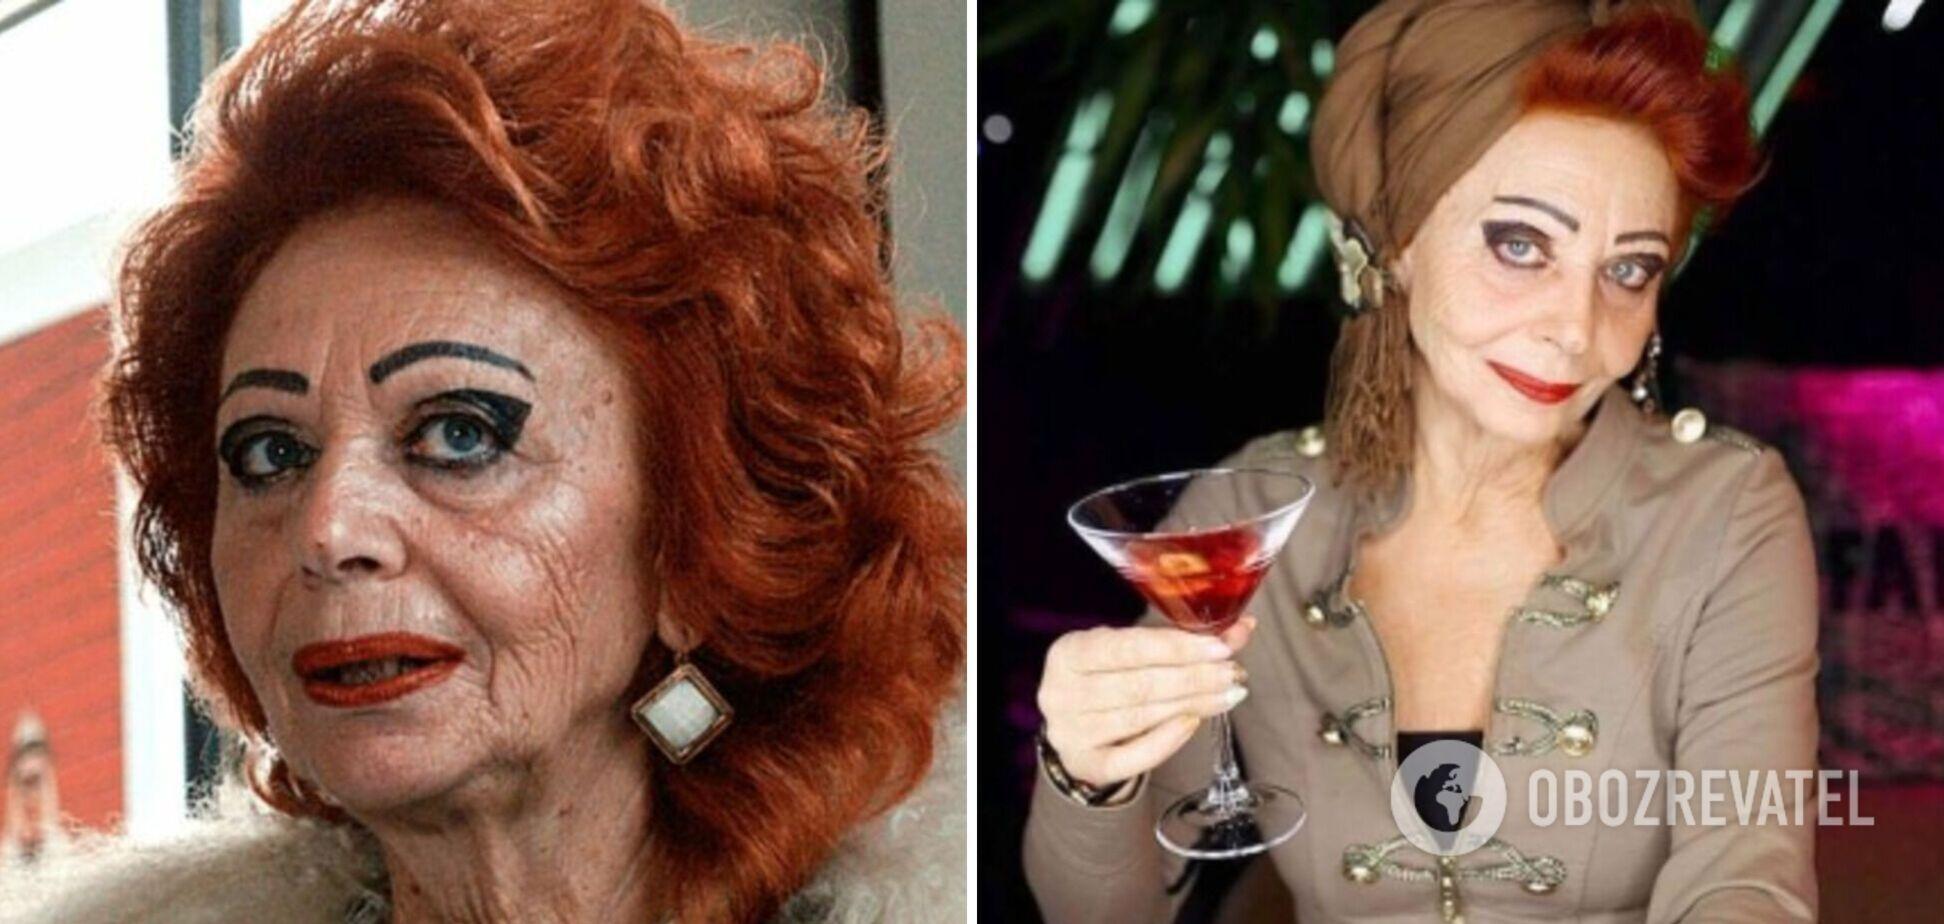 У Києві попрощалися з 73-річною моделлю і світською левицею Оленою Вовк. Ексклюзивні фото